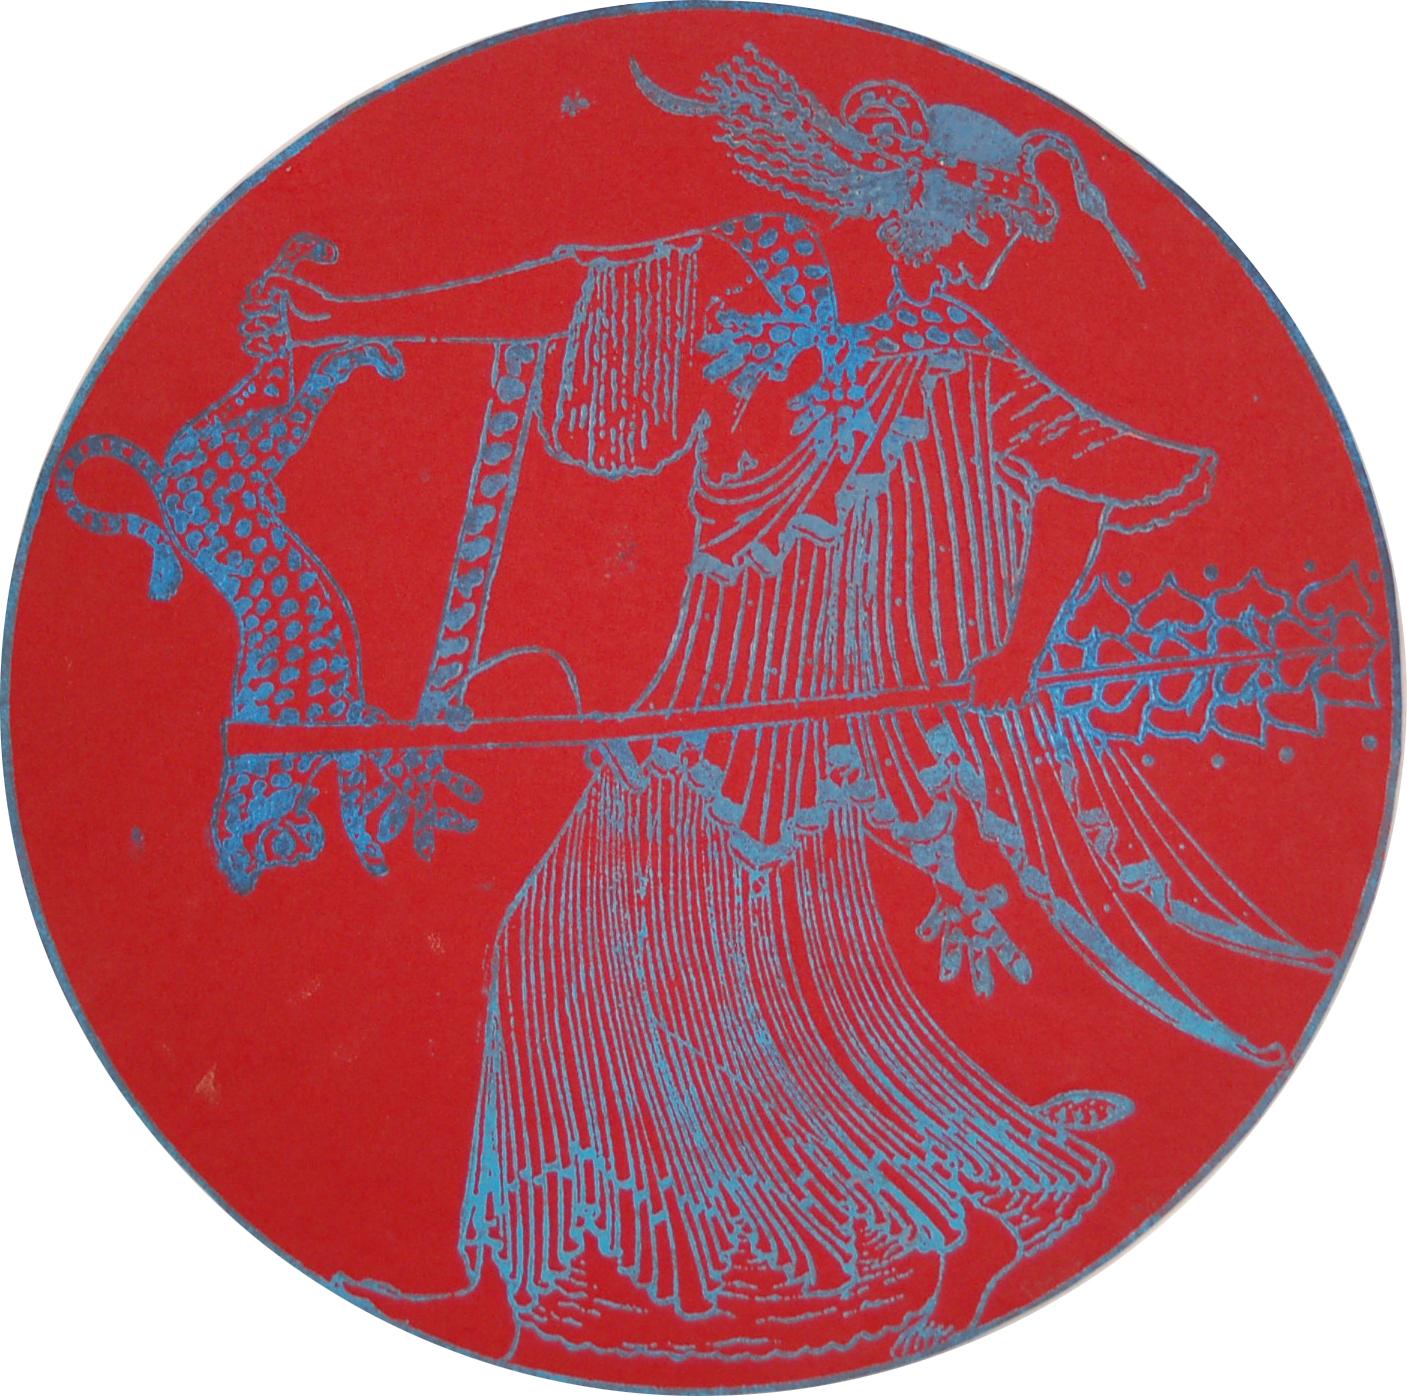 Nancy Spero, Maenad Circle (Krąg bachantek), grafika na papierze, średnica 35 cm, 2003, dzięki uprzejmości Christine König Galerie